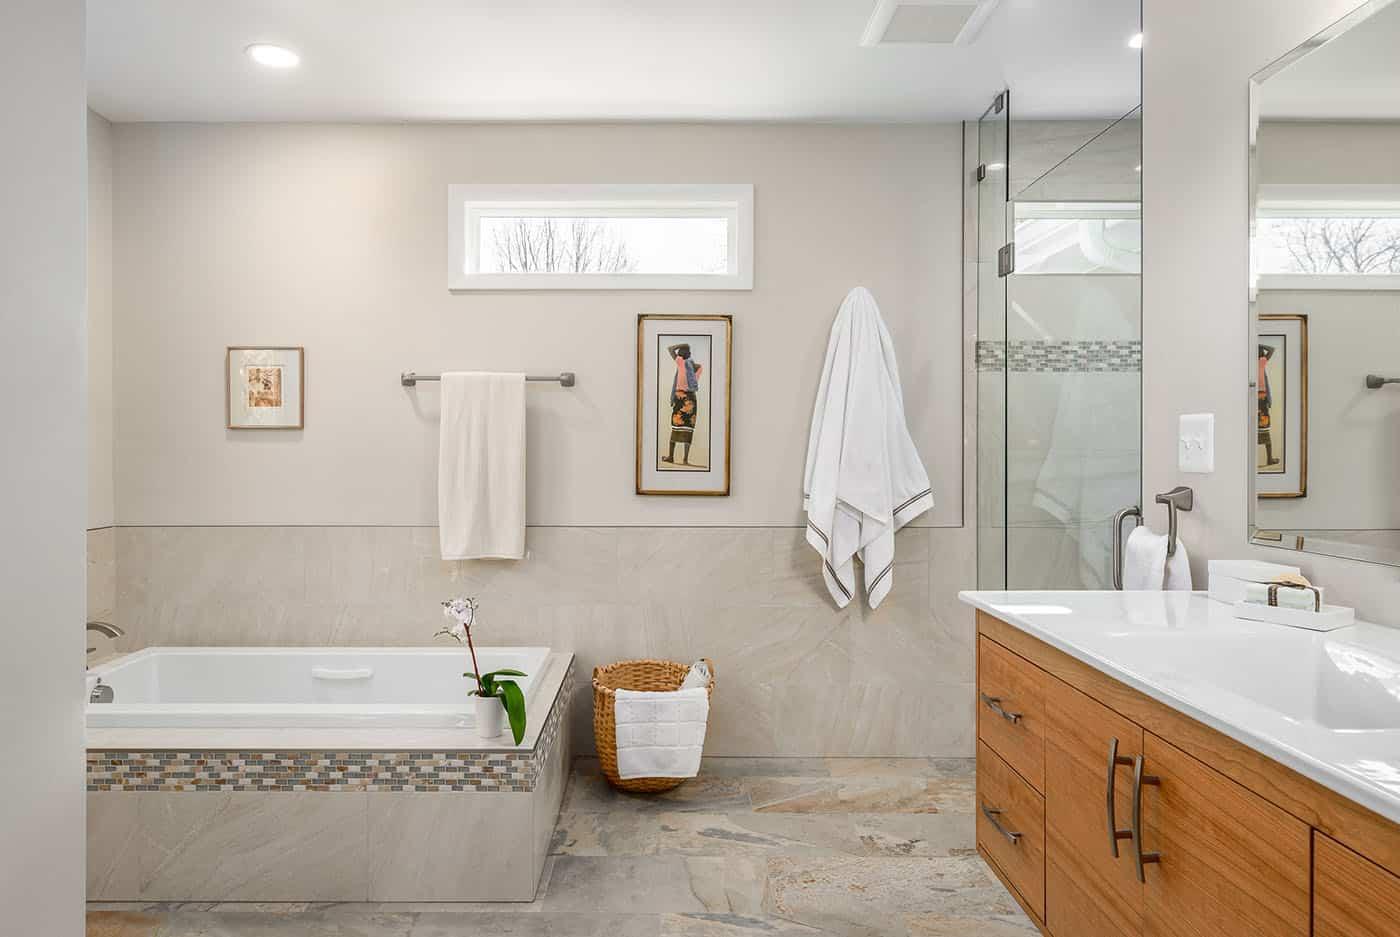 Master bathroom after renovation